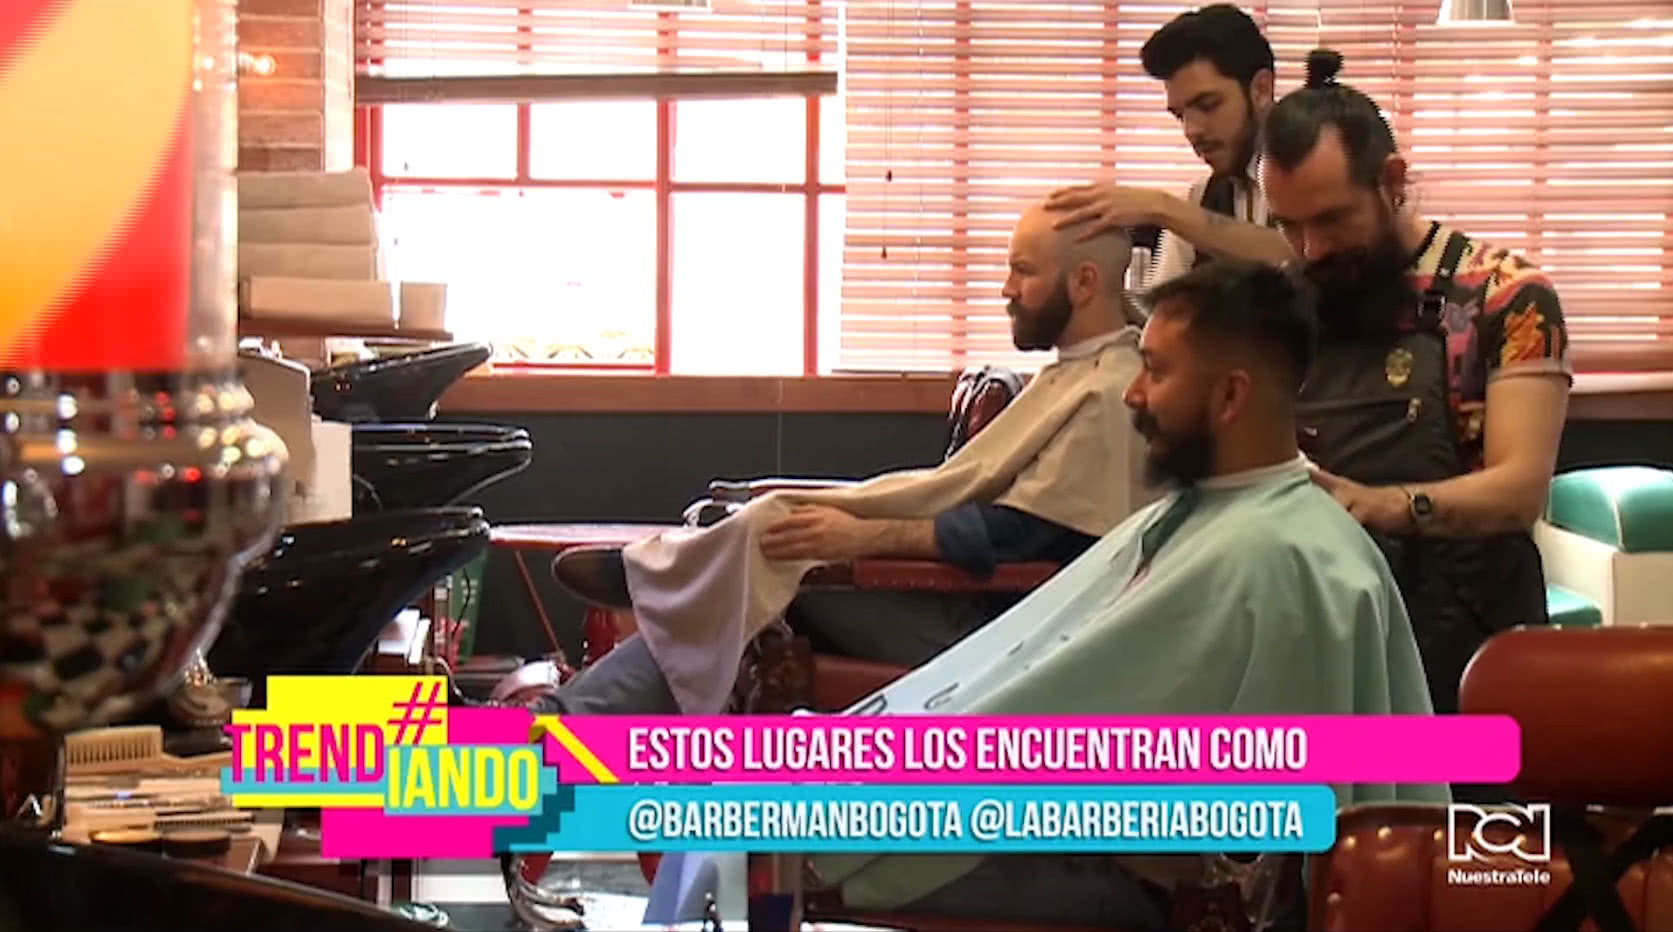 Estas son las dos barberías más 'cool' de Bogotá